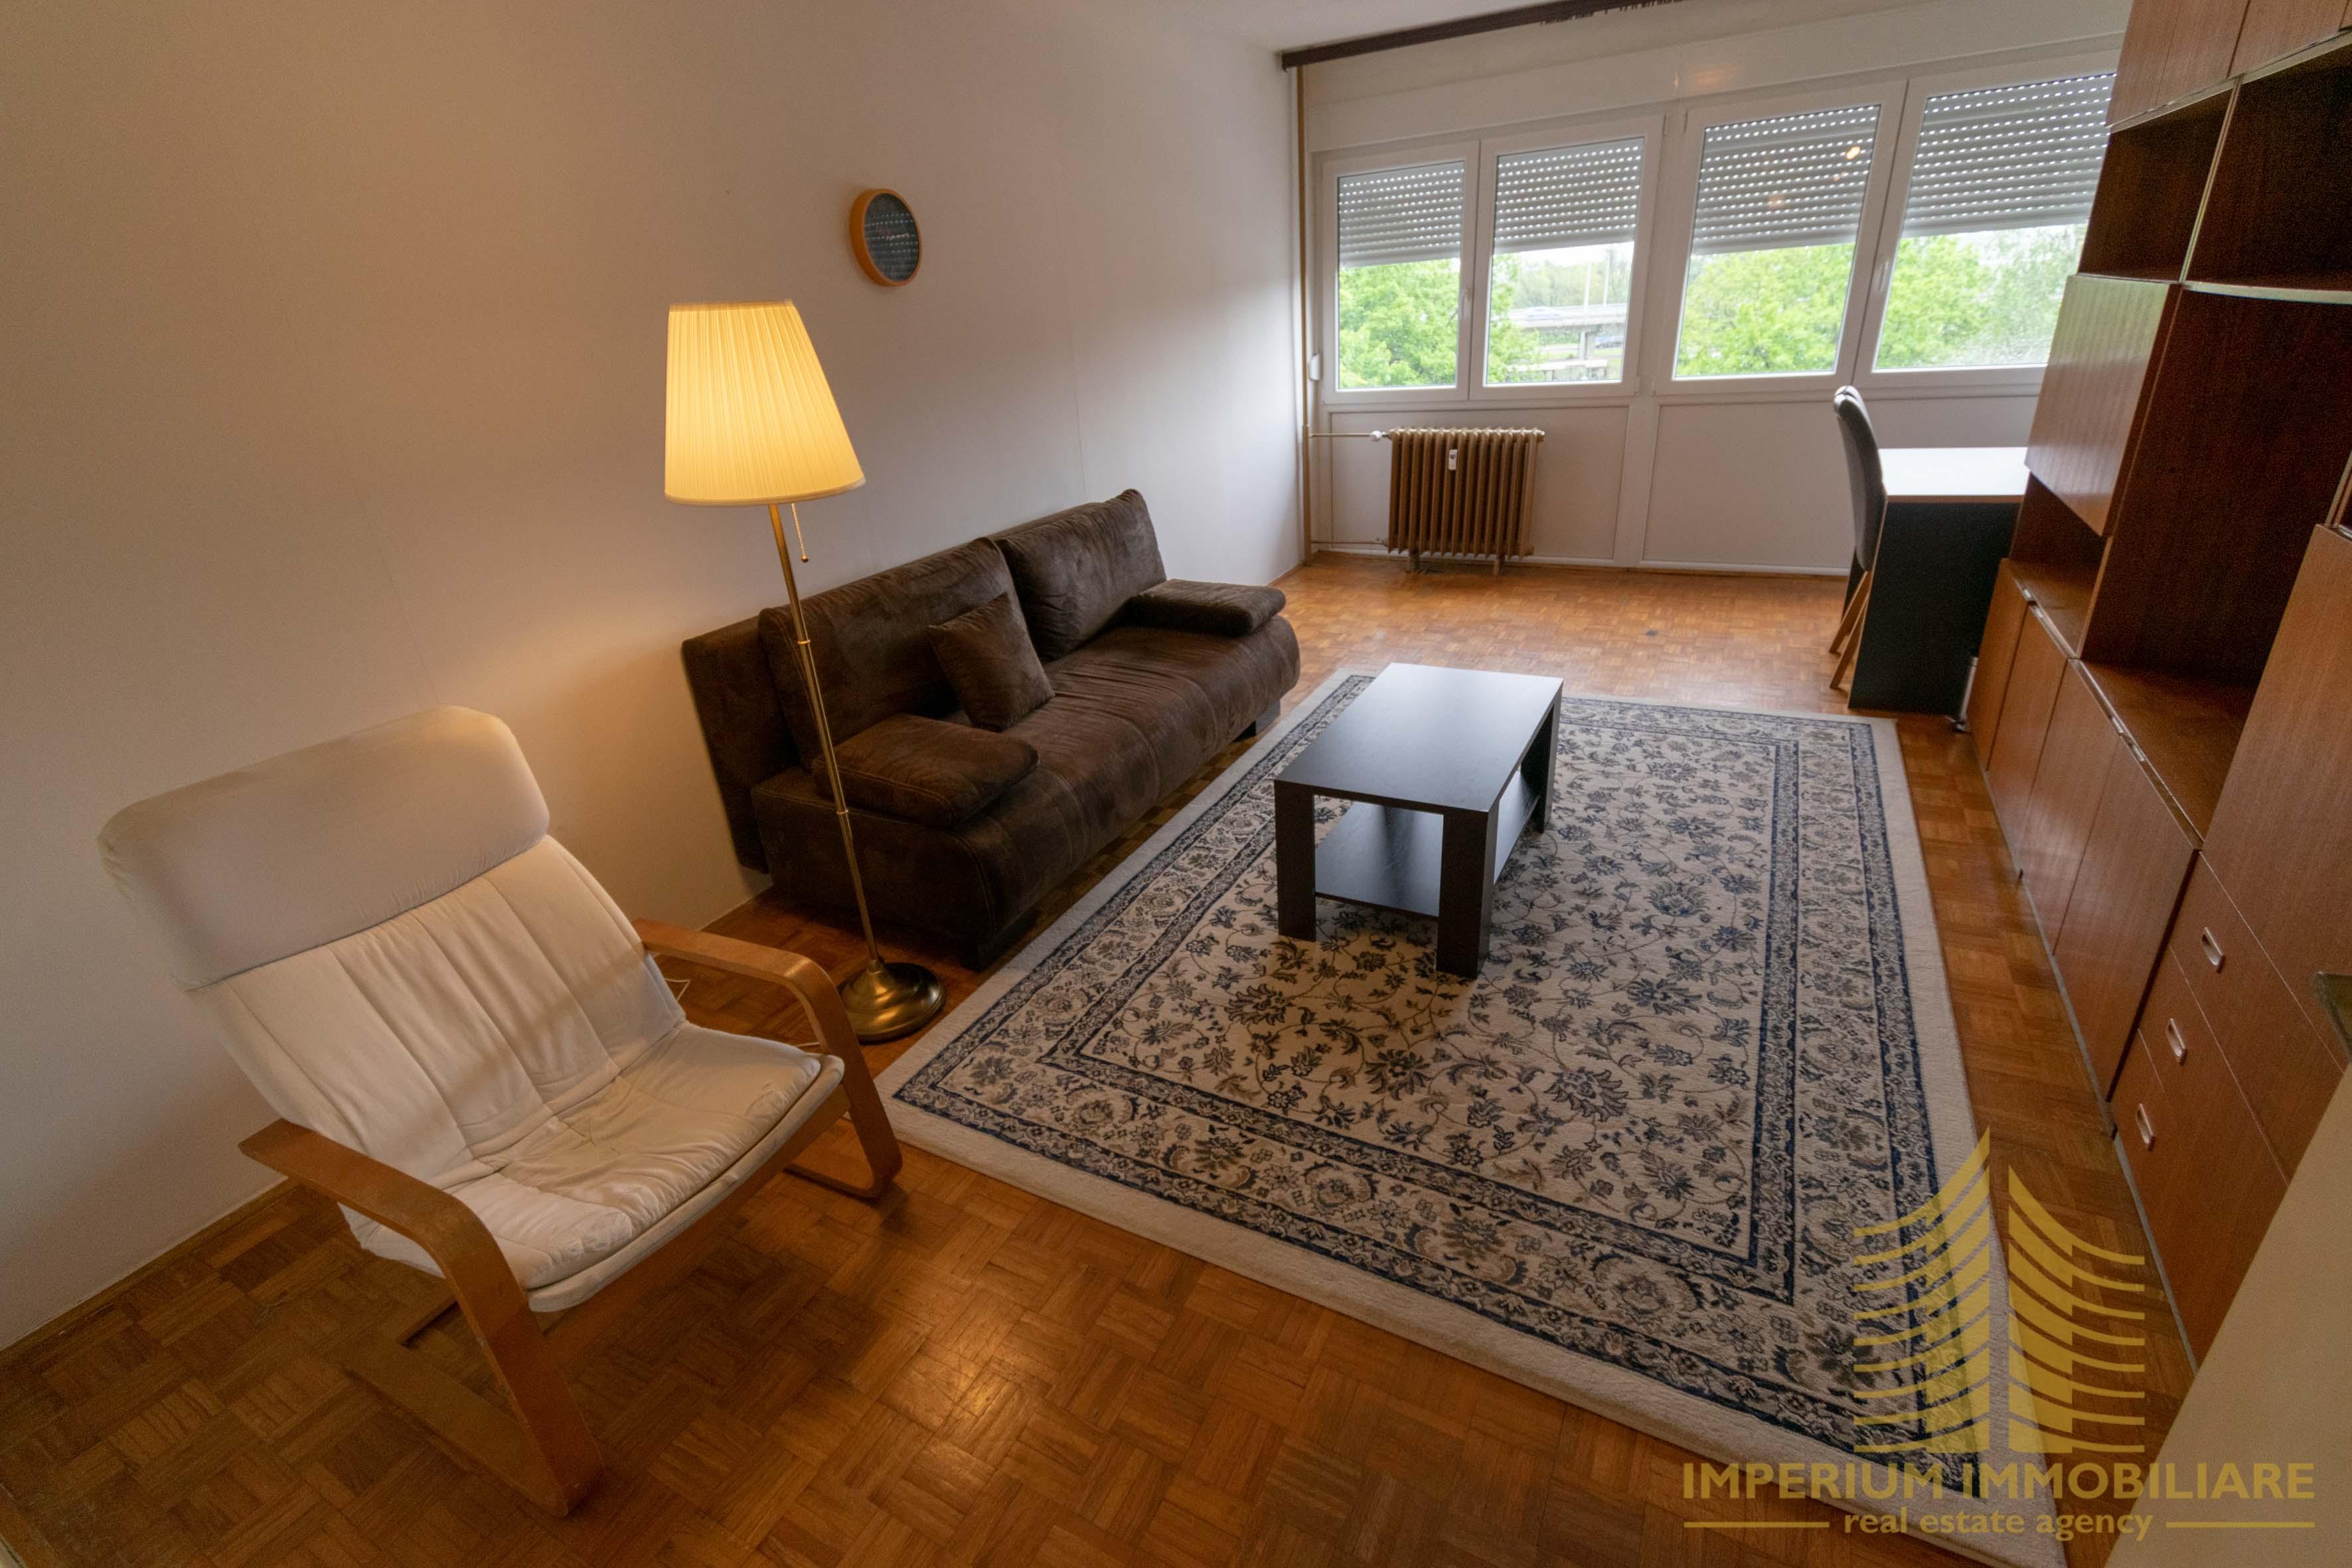 Stan: Zagreb (Utrina), 55 m2, ODLIČNA LOKACIJA, PRILIKA (iznajmljivanje)